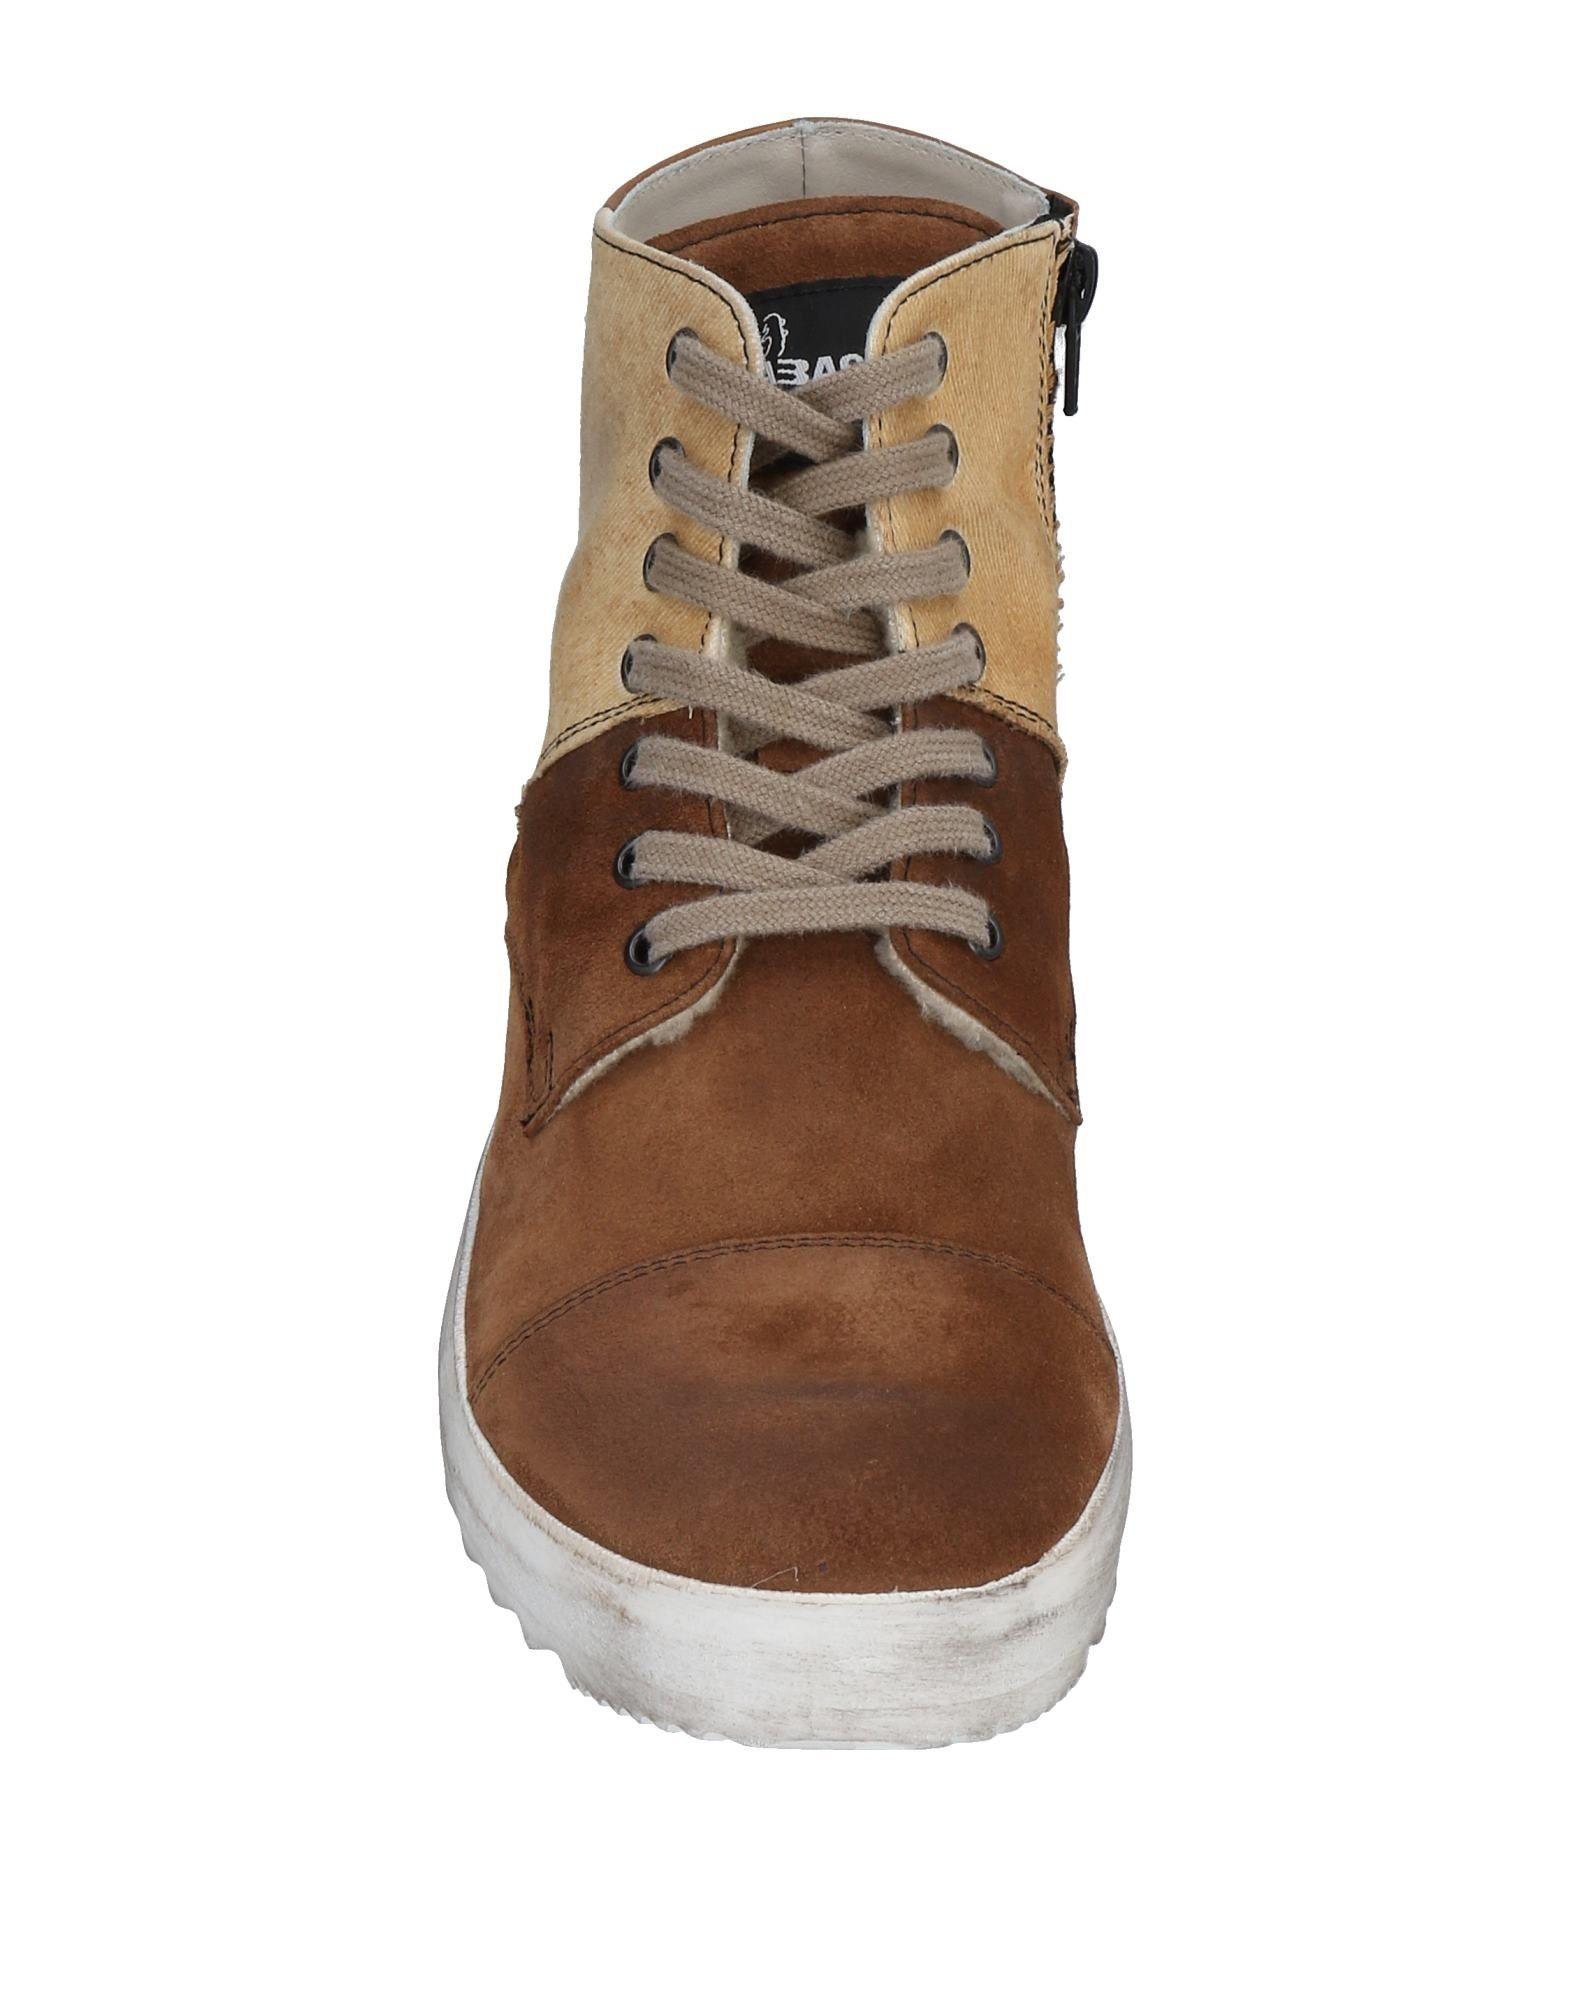 11475044WL Primabase Sneakers Herren  11475044WL  9486f4